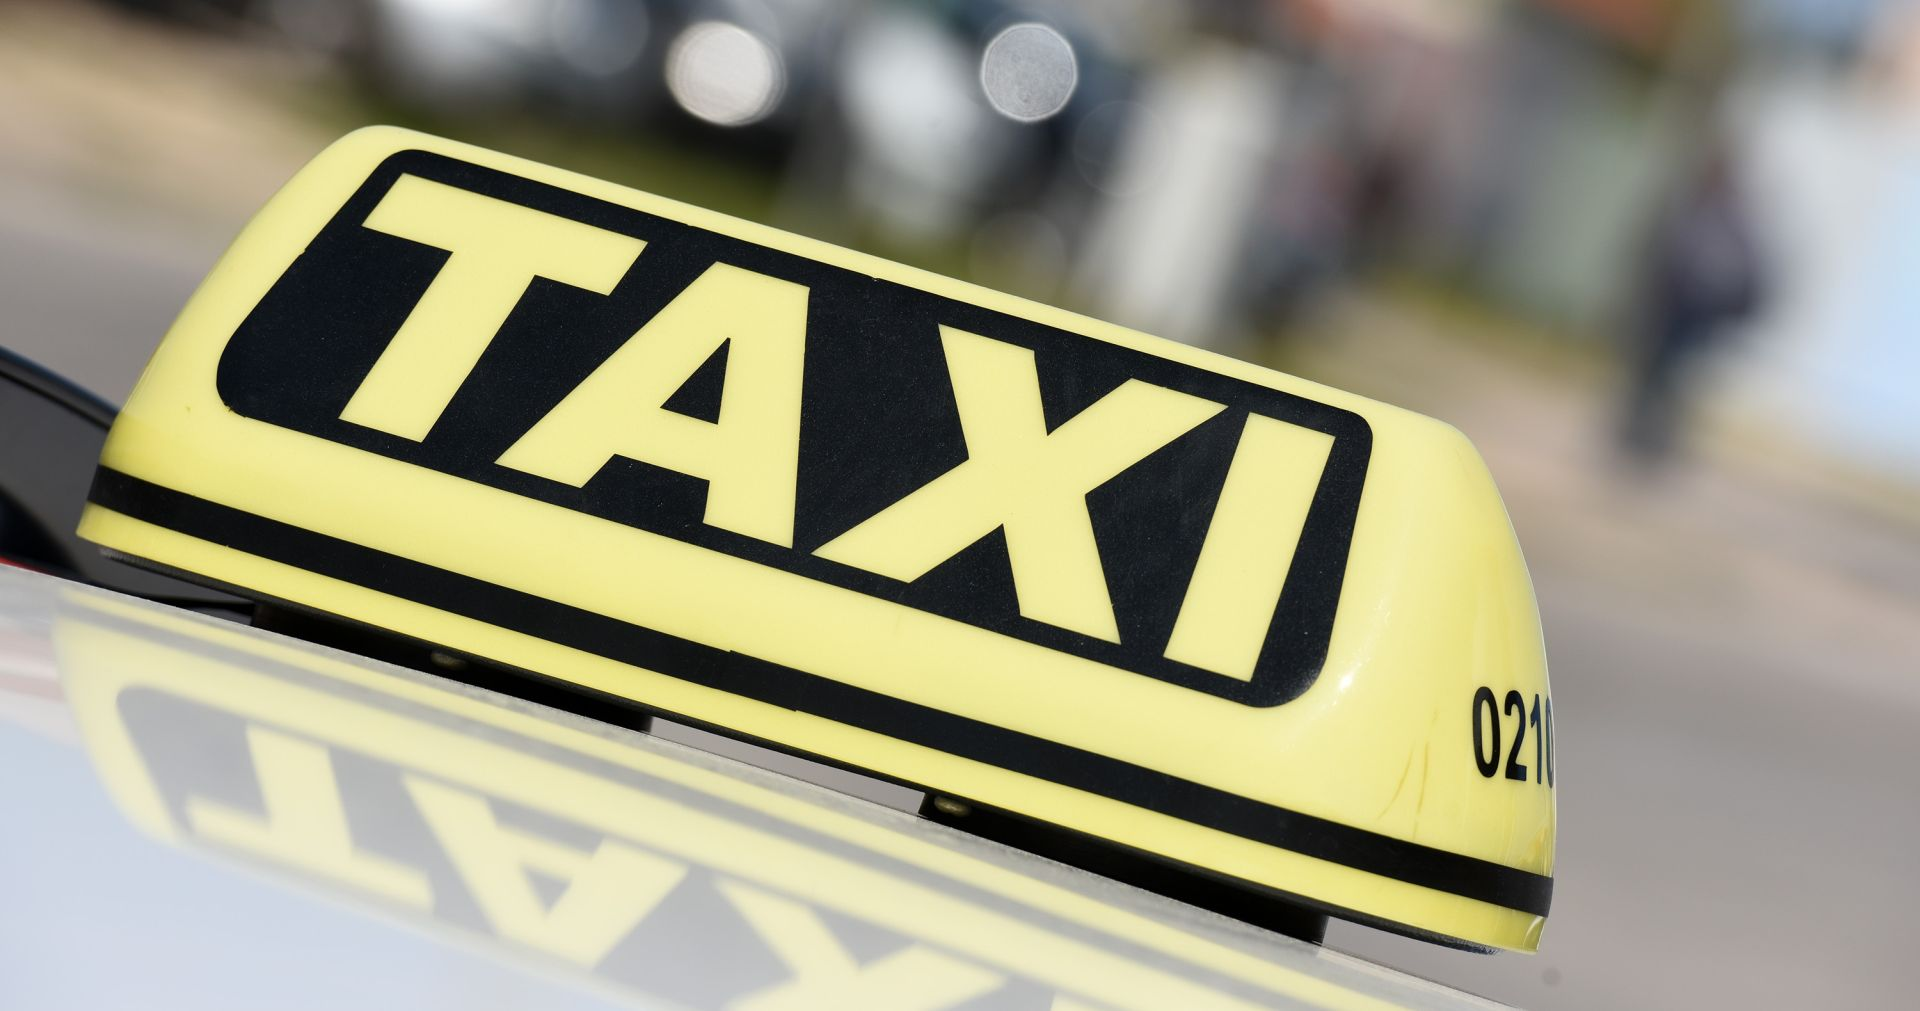 NIJE U ŽIVOTNOJ OPASNOSTI Taksist naletio na 8-godišnjakinju u Šibeniku i teško ju ozlijedio